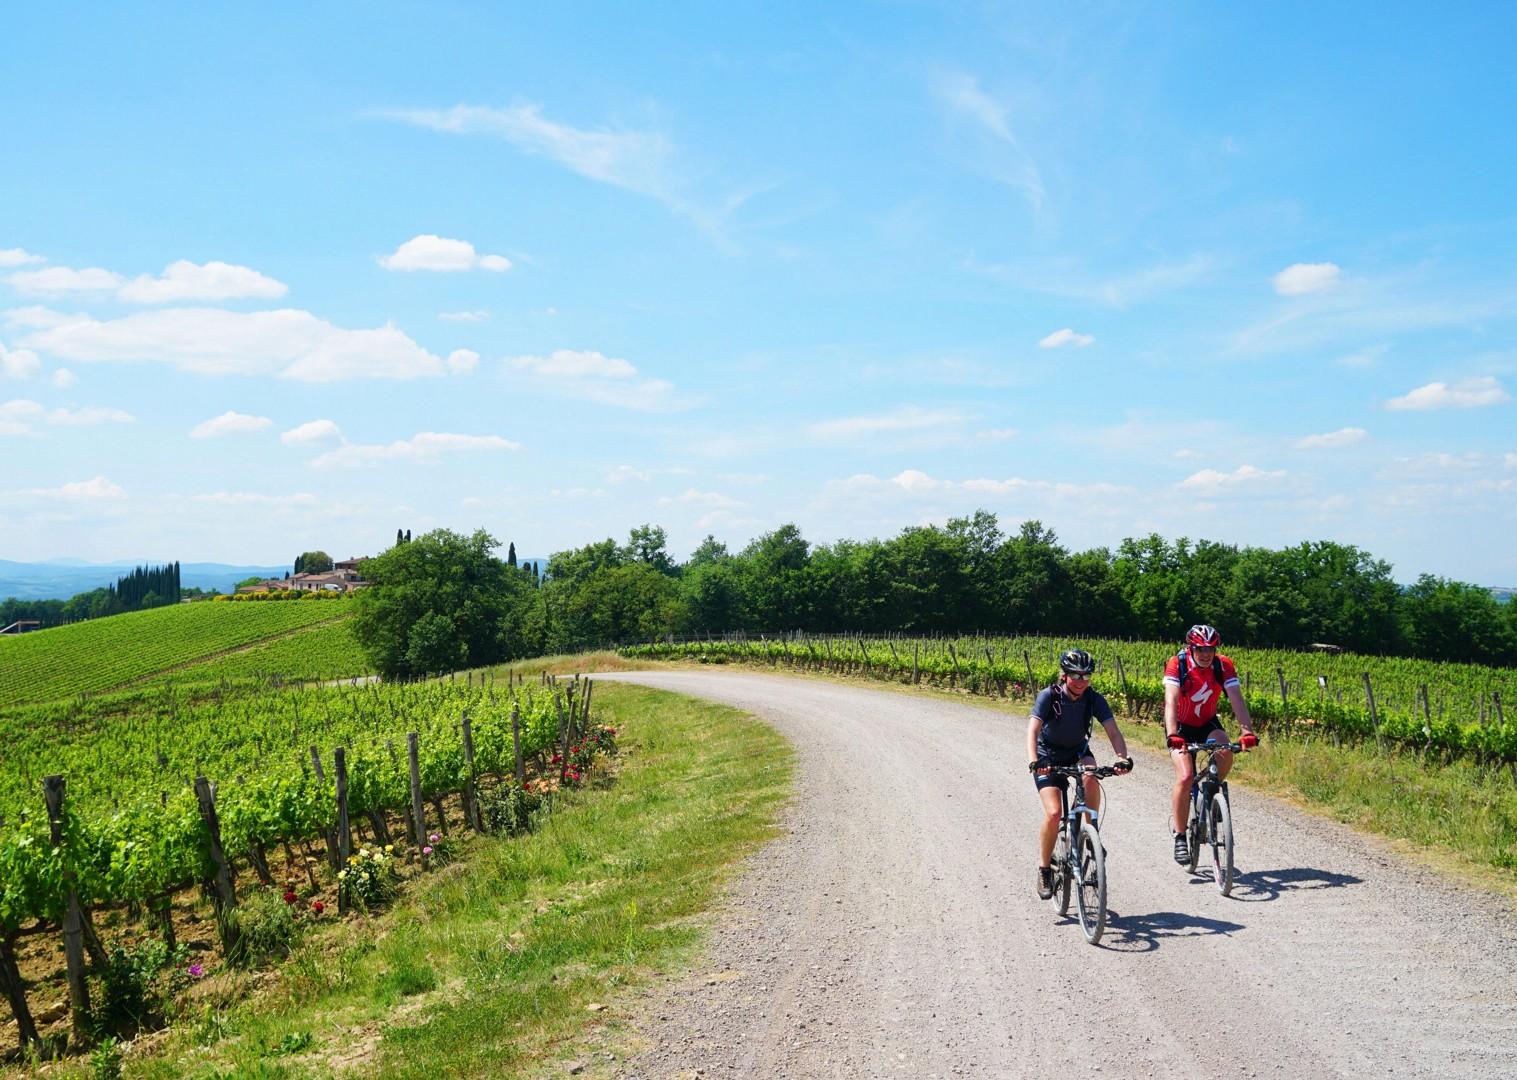 _Holiday.863.18912.jpg - Italy - Via Francigena (Tuscany to Rome) - Guided Mountain Biking Holiday - Italia Mountain Biking